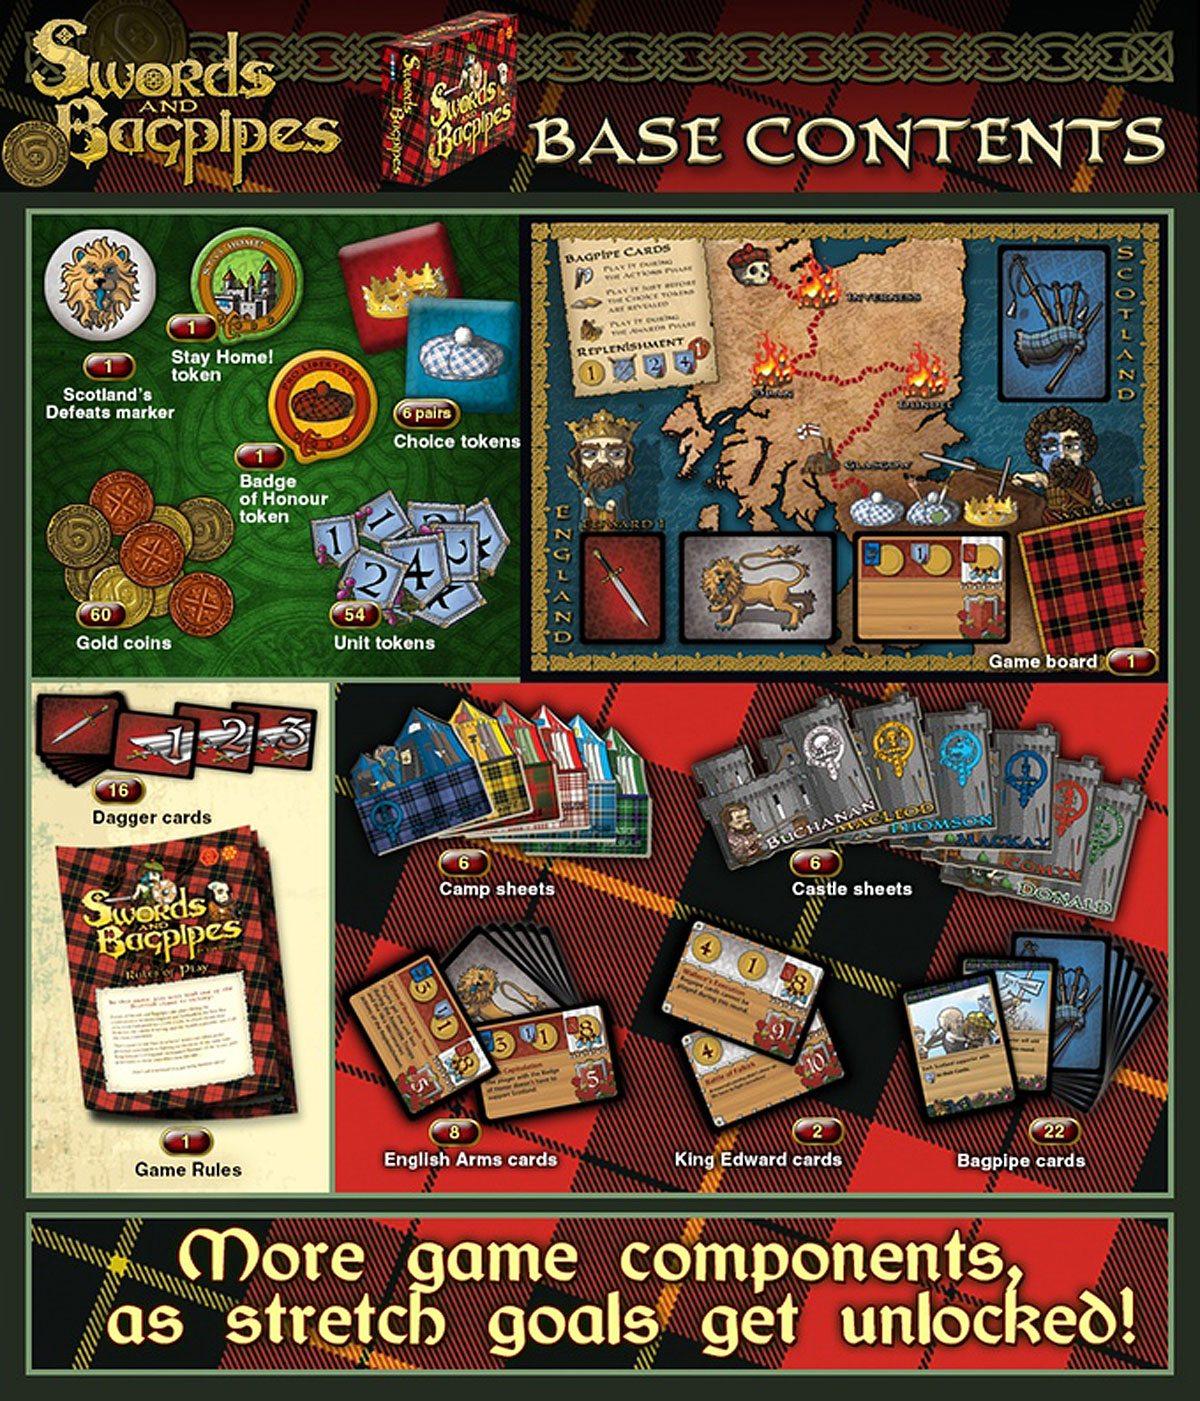 SwordsBagpipes-Contents